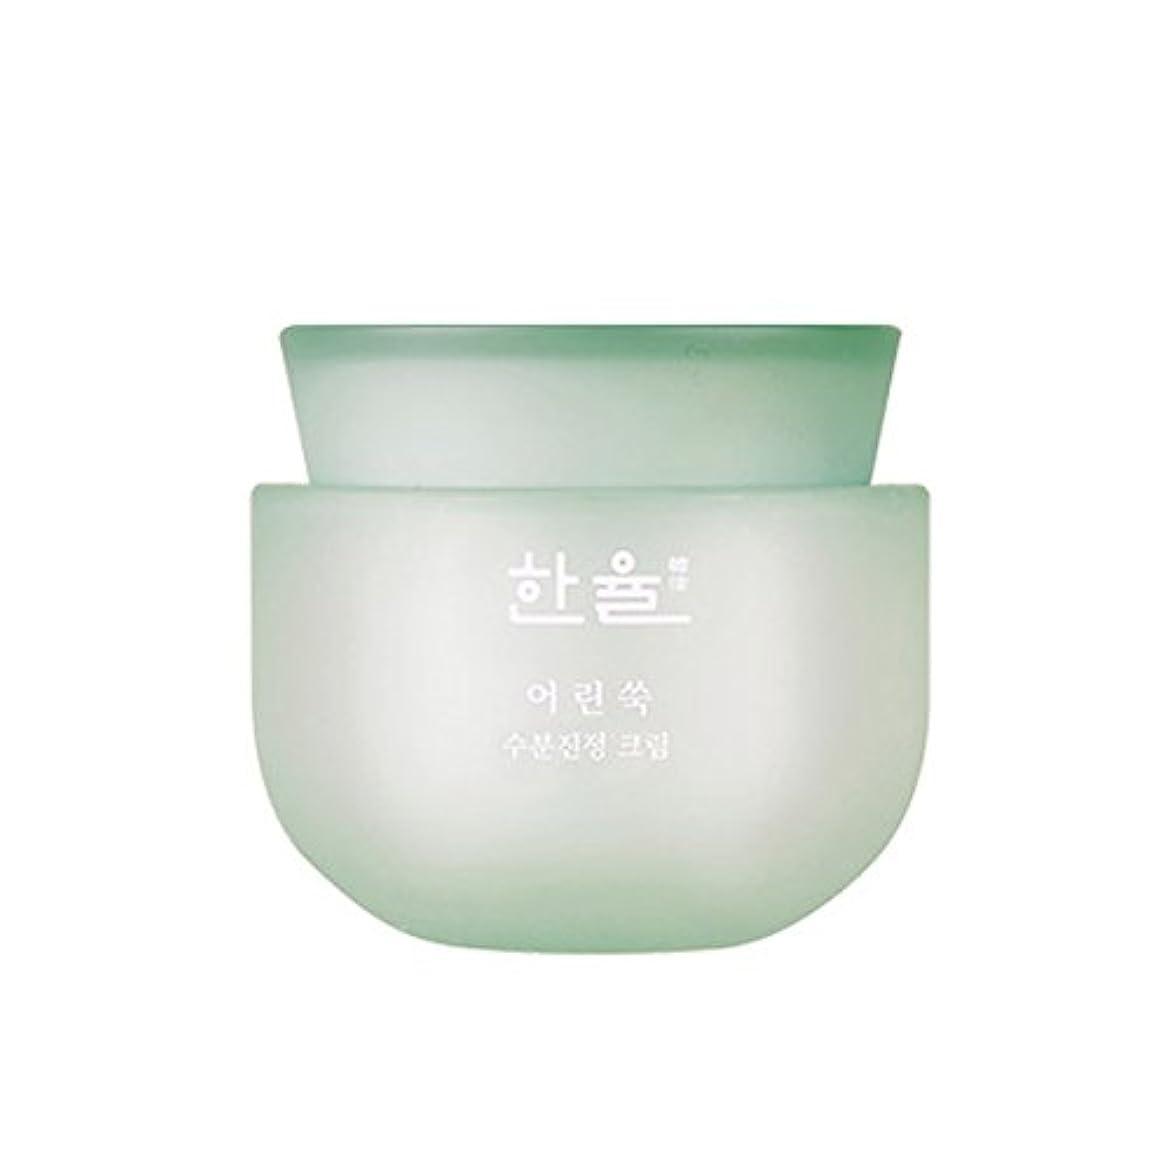 習慣侵略貧しい【HANYUL公式】 ハンユル ヨモギ水分鎮静クリーム 50ml / Hanyul Pure Artemisia Watery Calming Cream 50ml